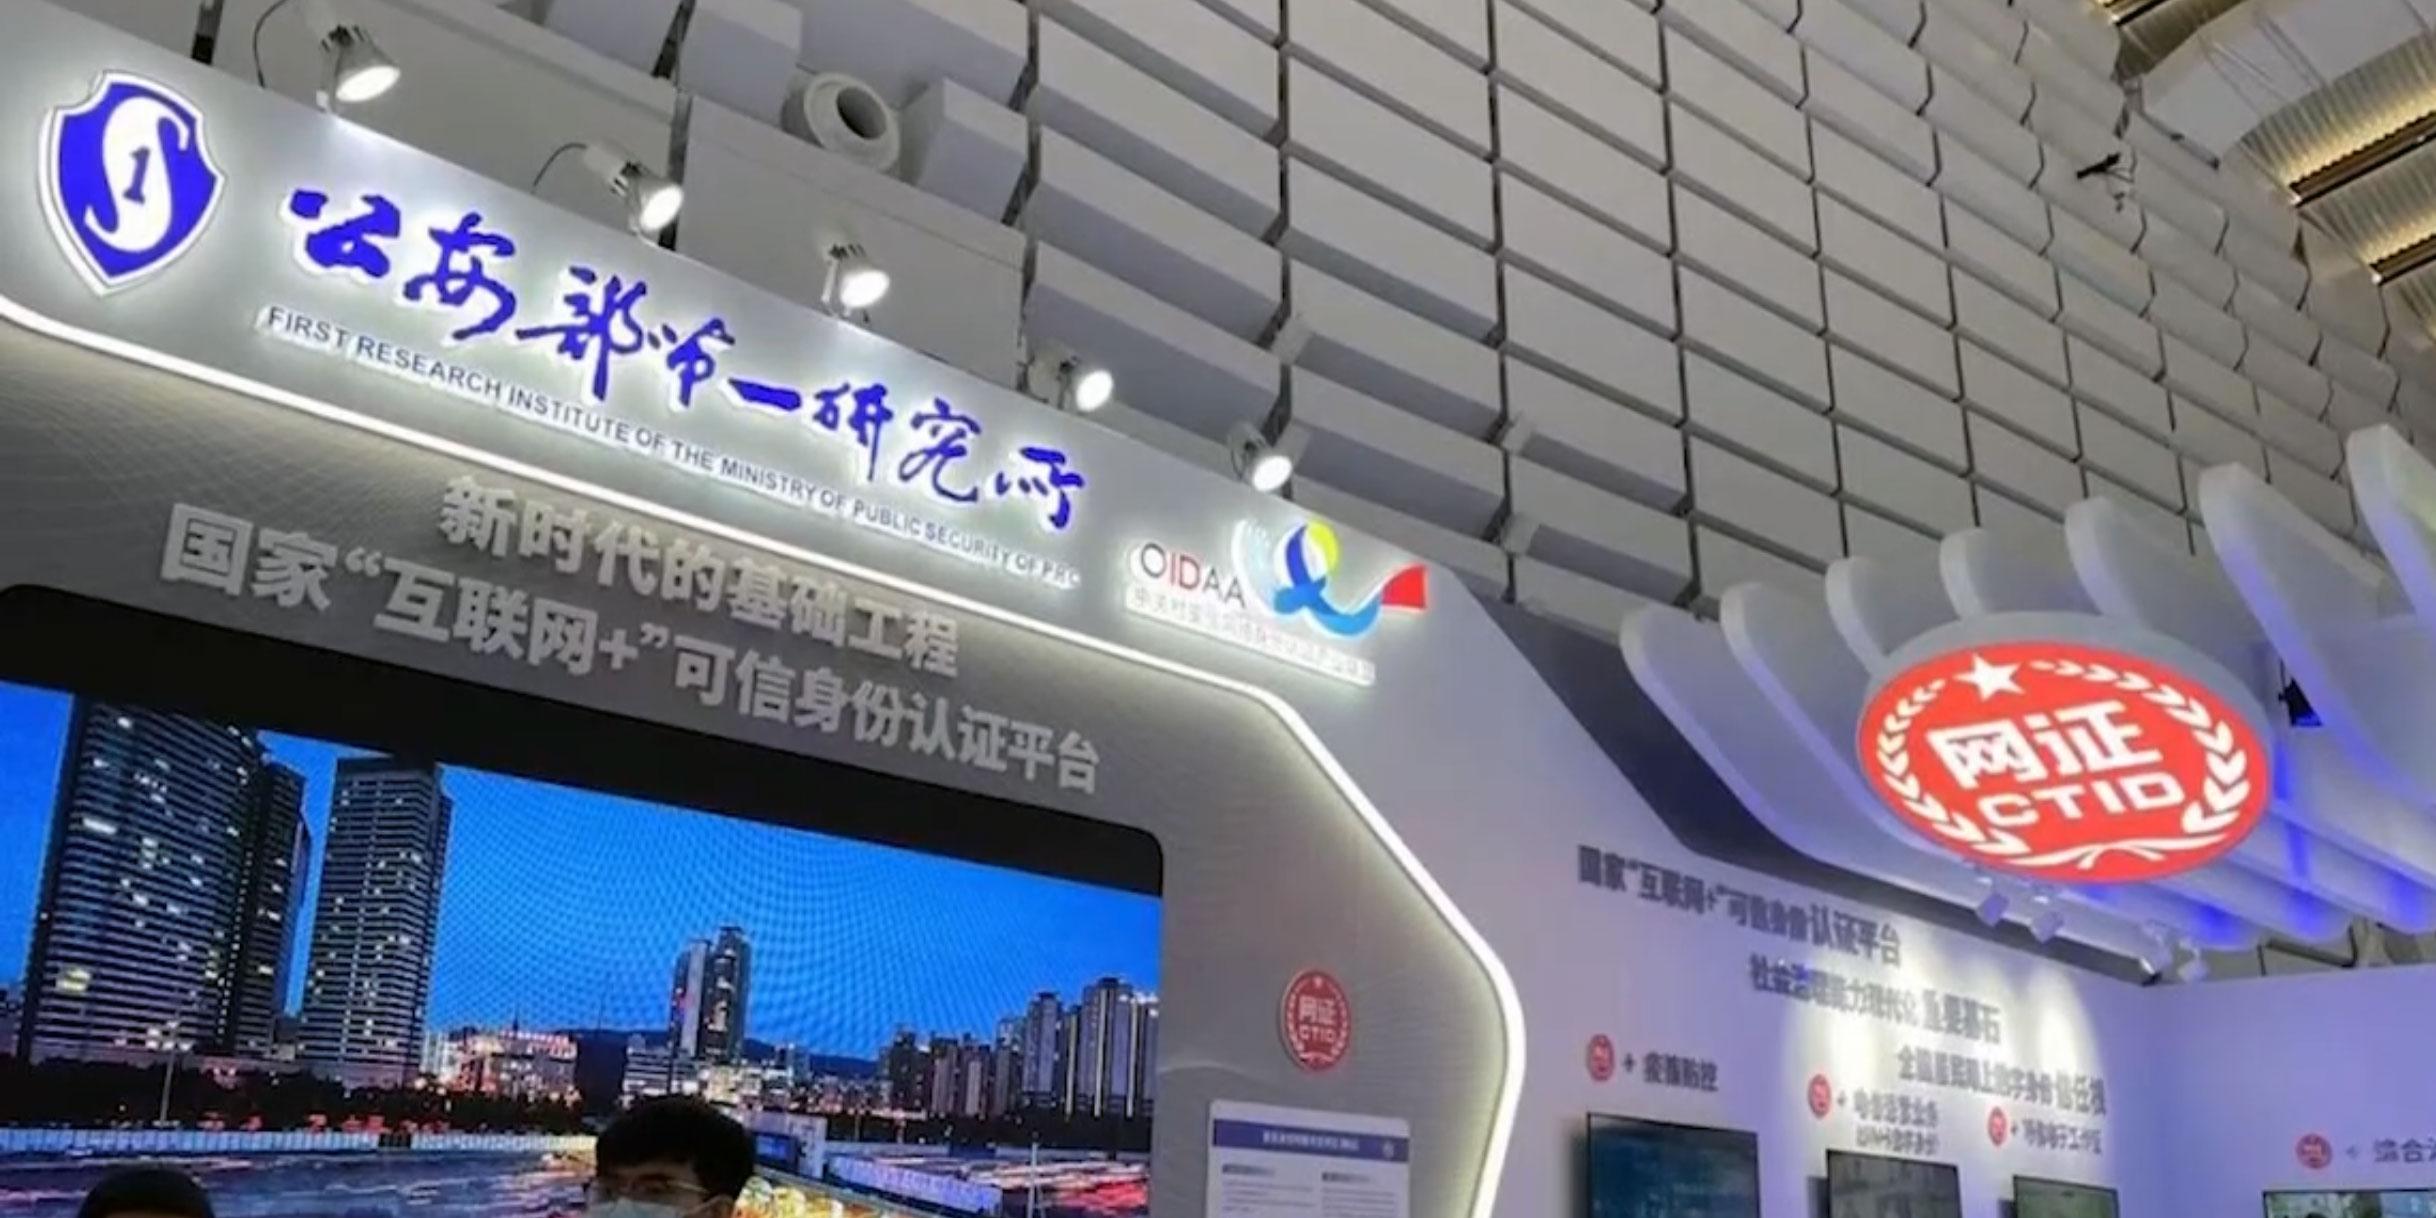 网络身份证系统由中国公安部属下的研究所研发。(网络视频截图)